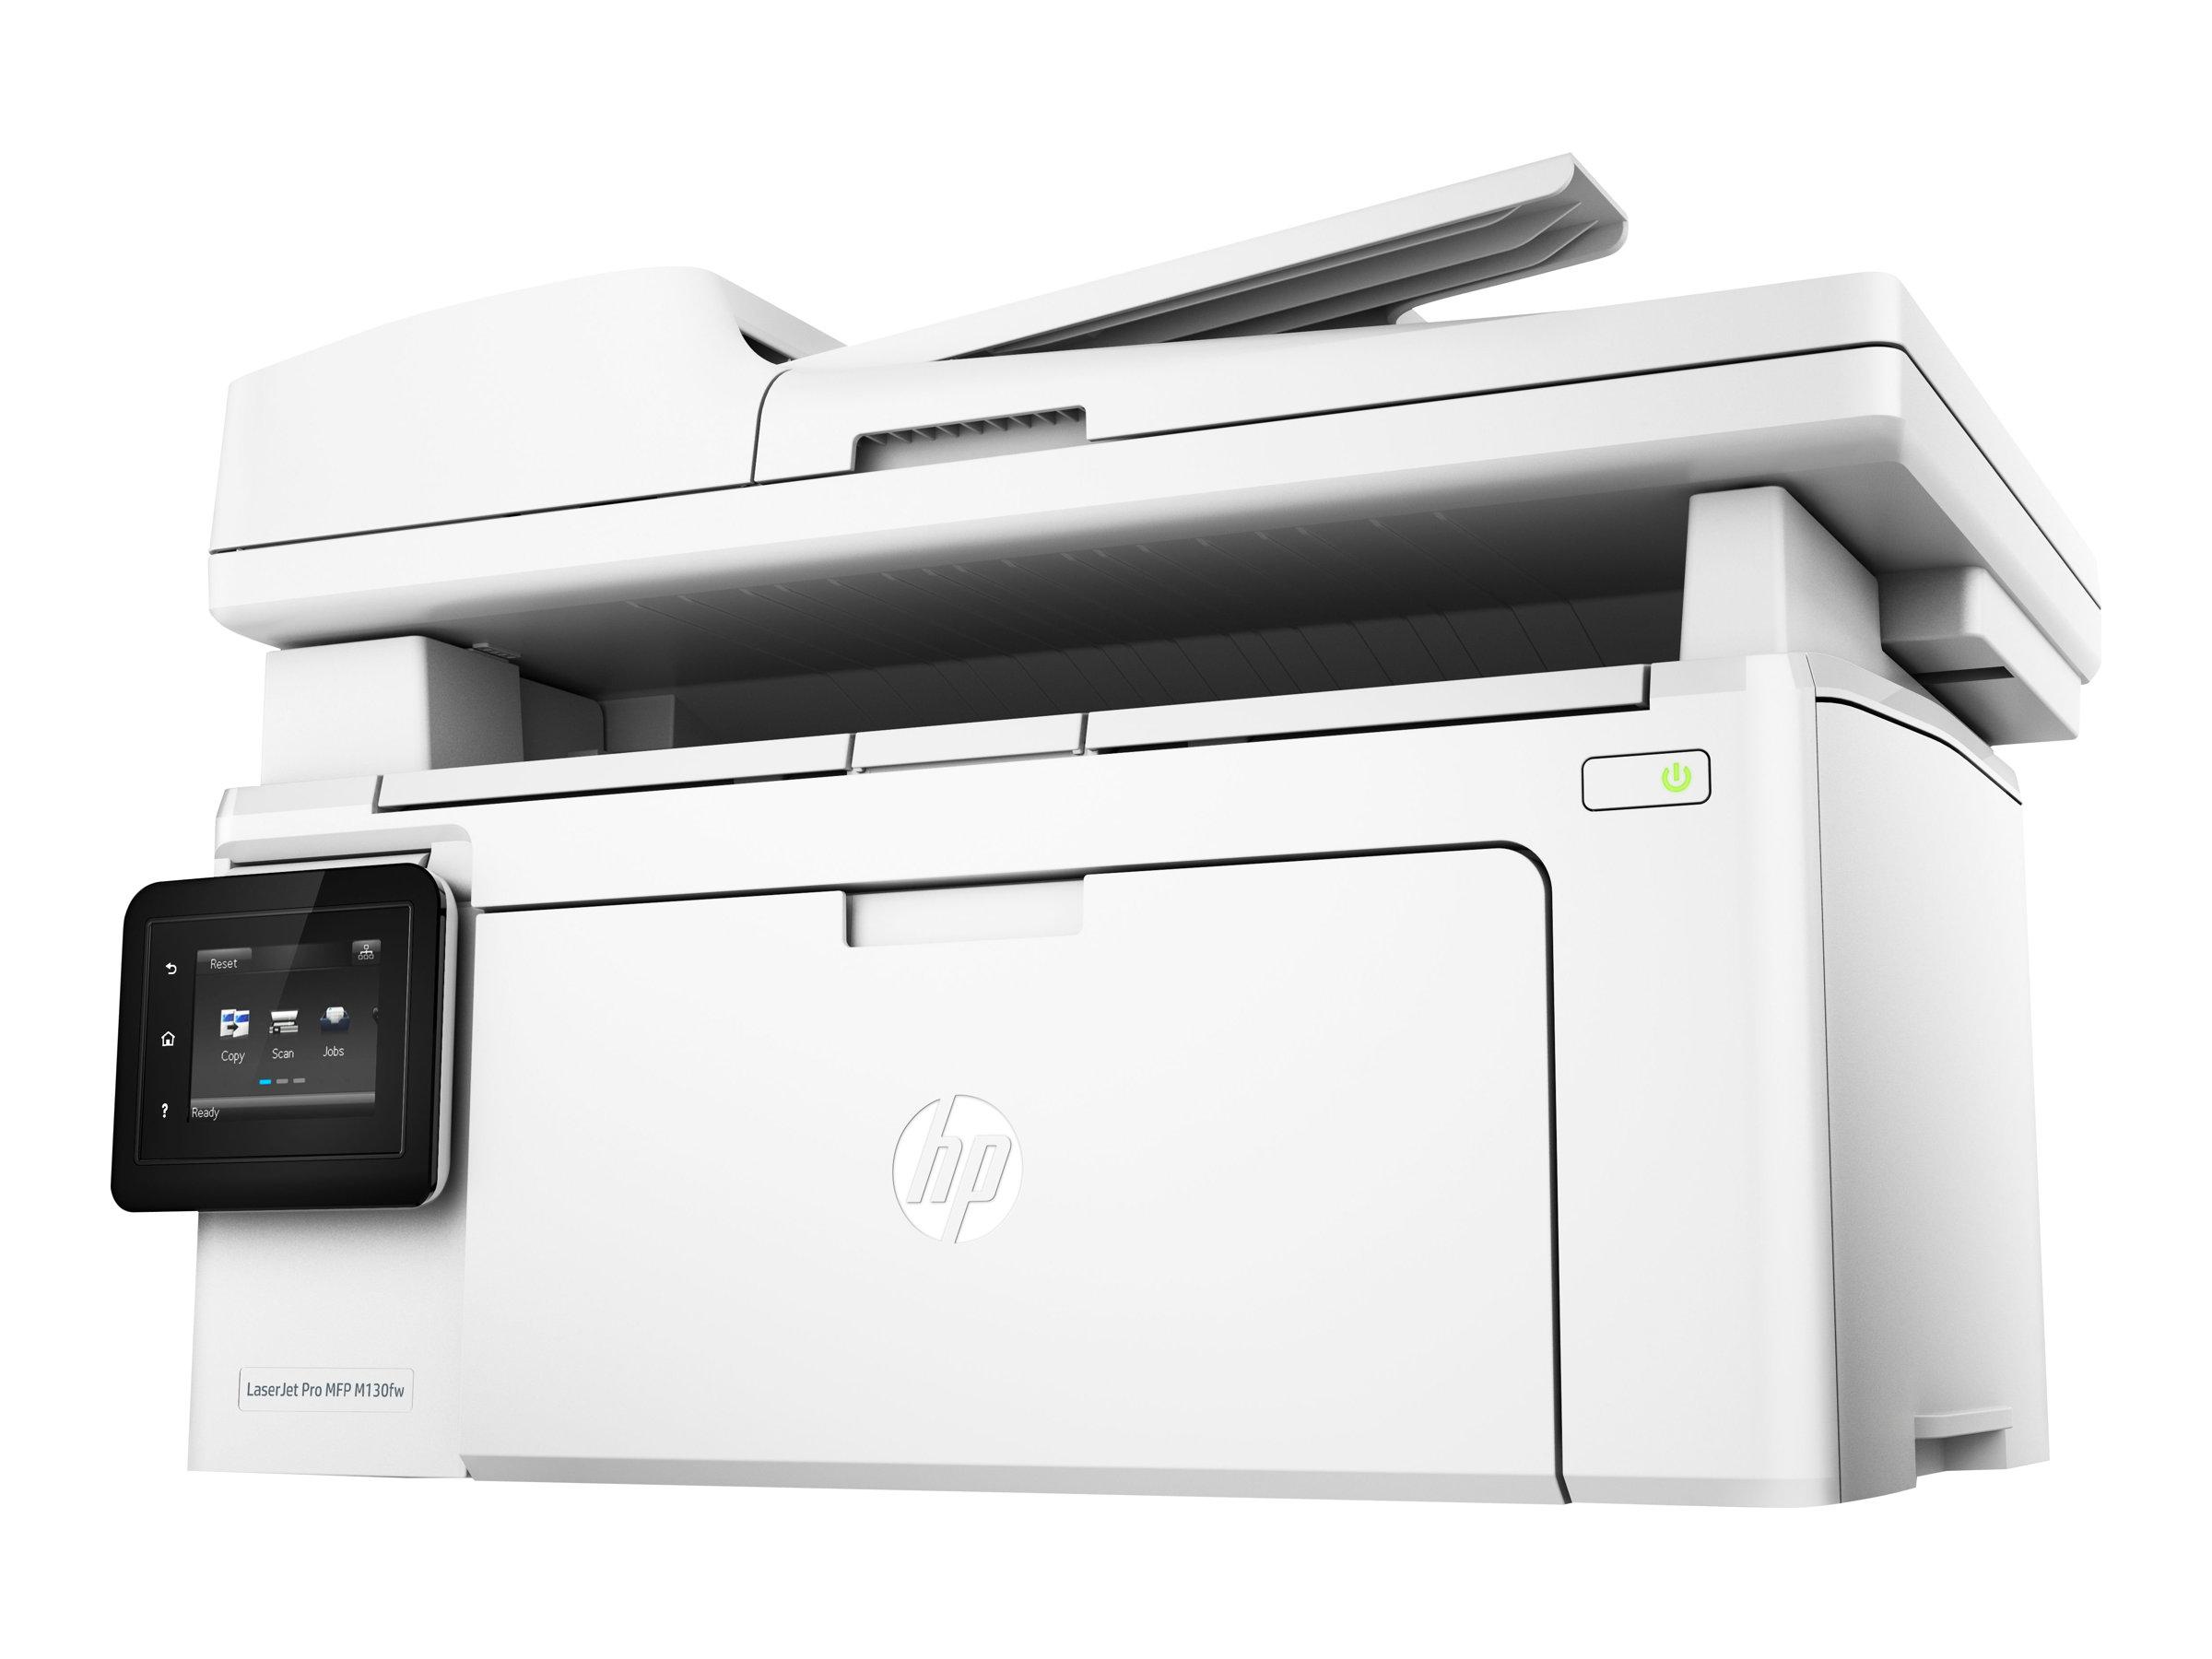 HP LaserJet Pro MFP M130fw - Multifunktionsdrucker - s/w - Laser - 215.9 x 297.2 mm (Original) - A4/Legal (Medien)